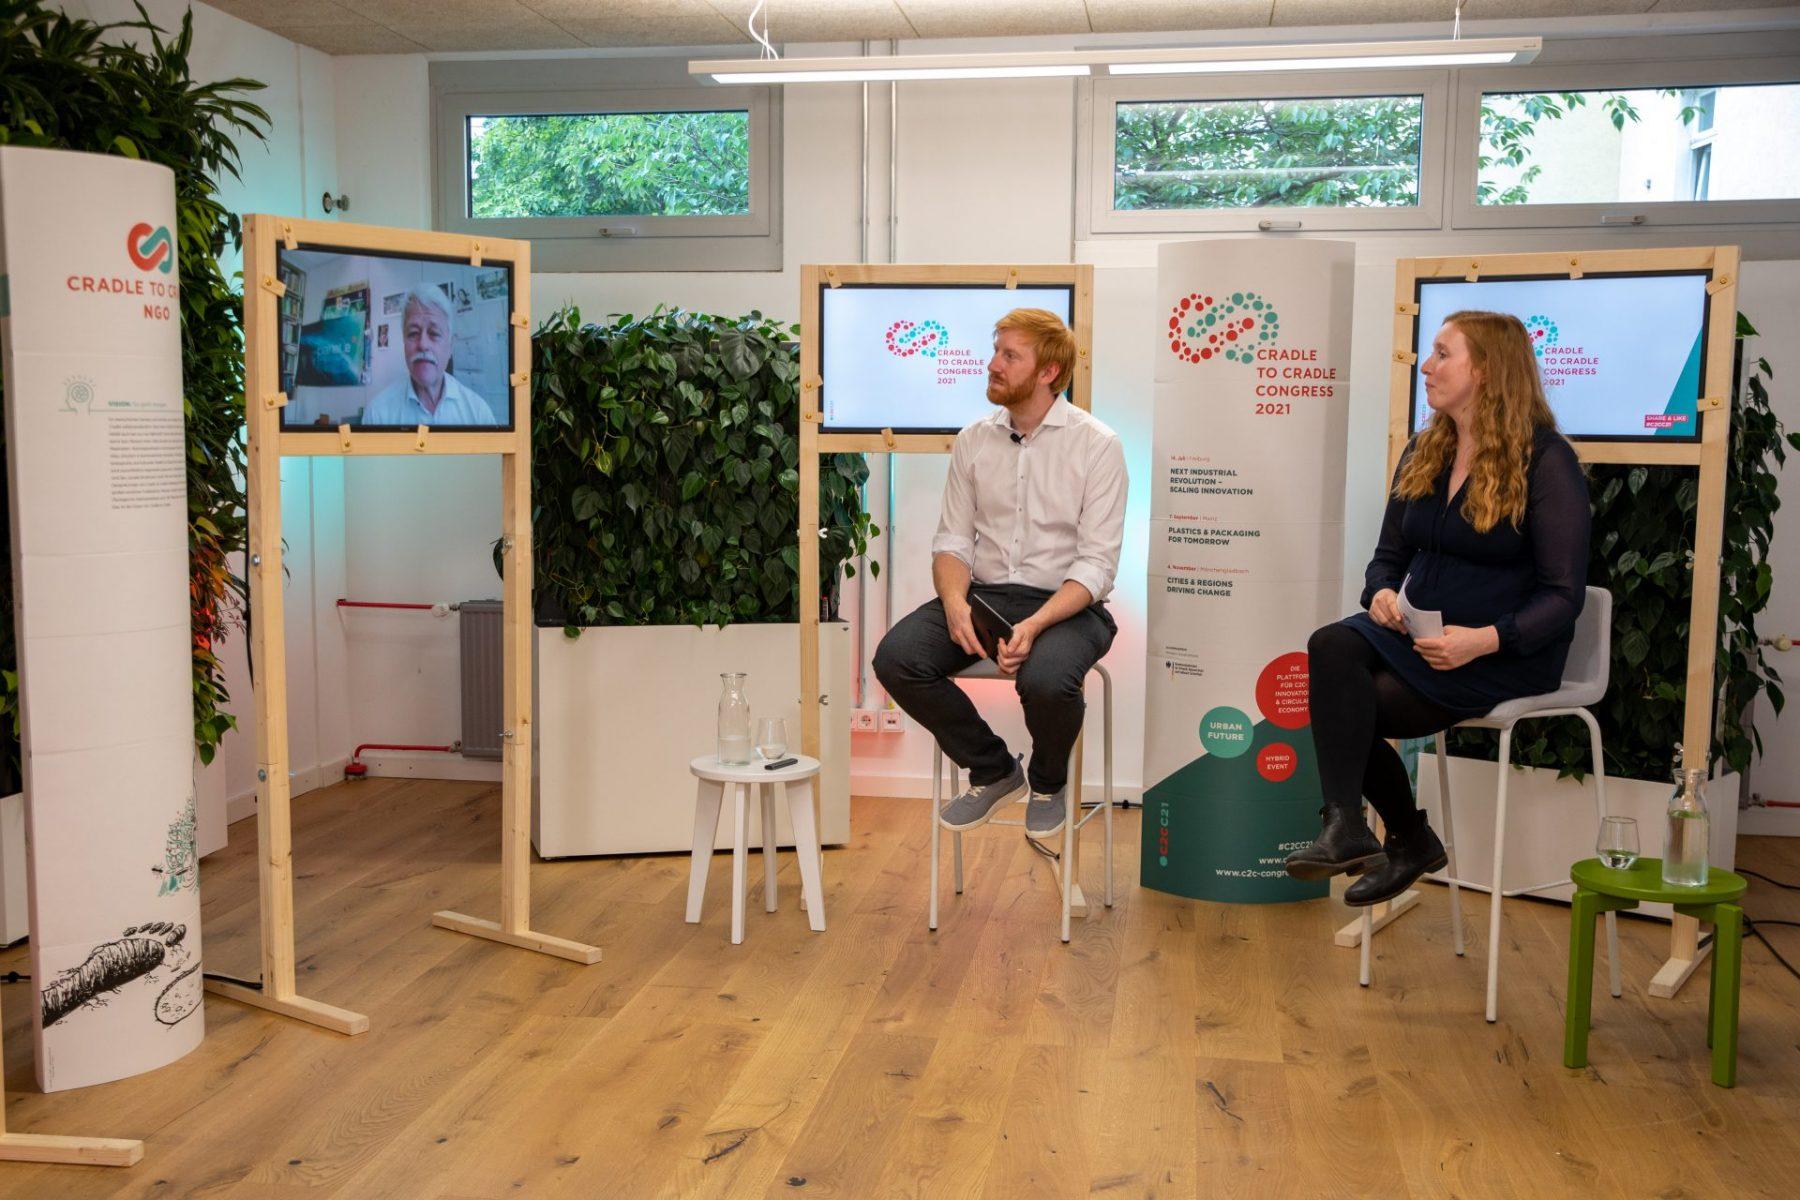 Nora und Tim vor Kameras neben Bildschirmen in Holzrahmen, sitzend